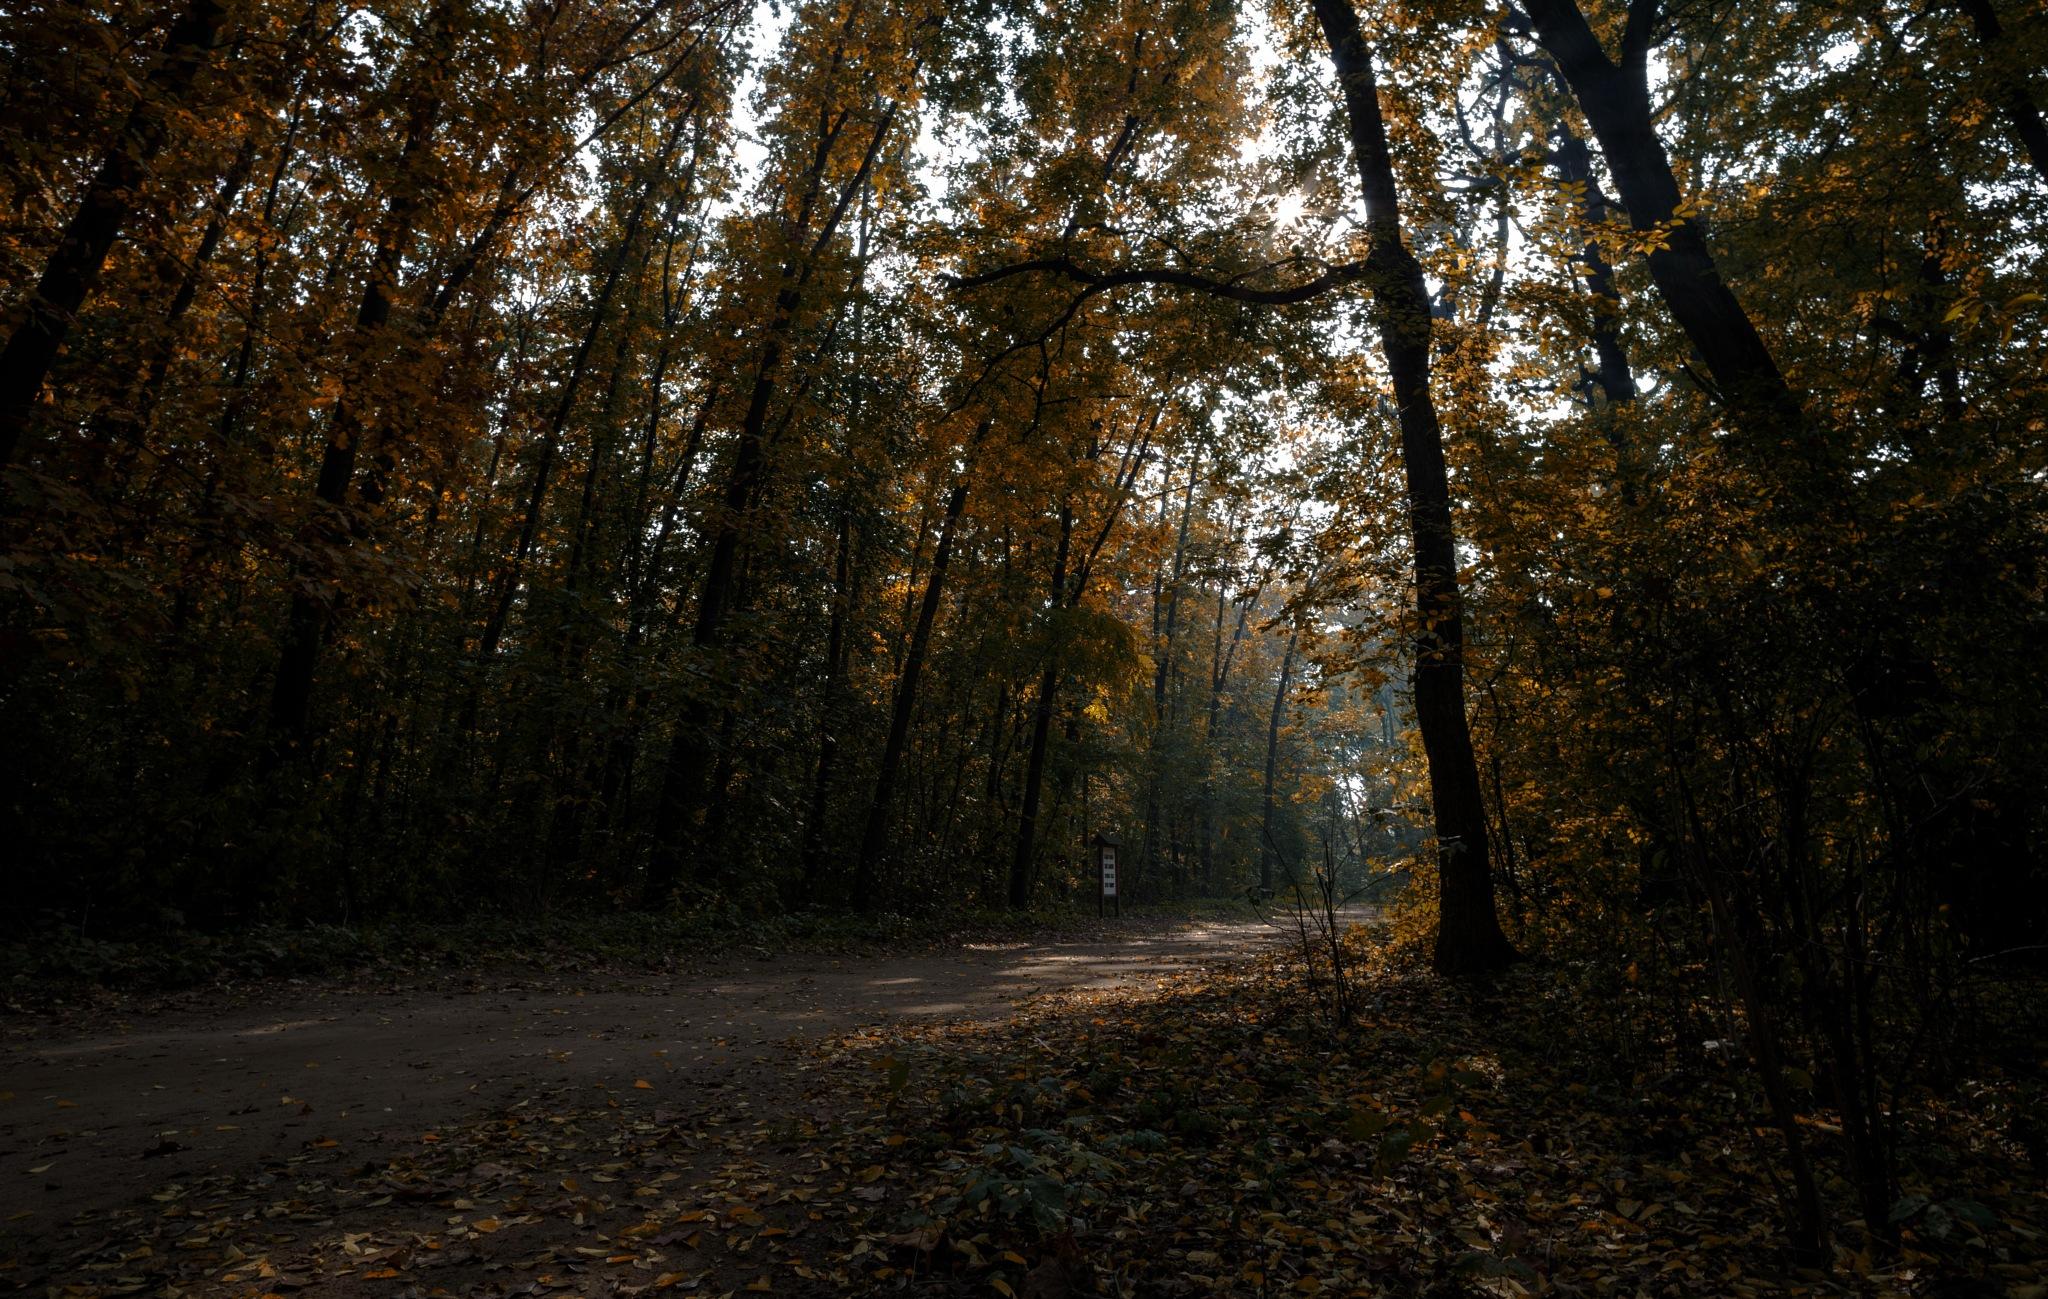 Autumn forest by Szilágyi Szabolcs